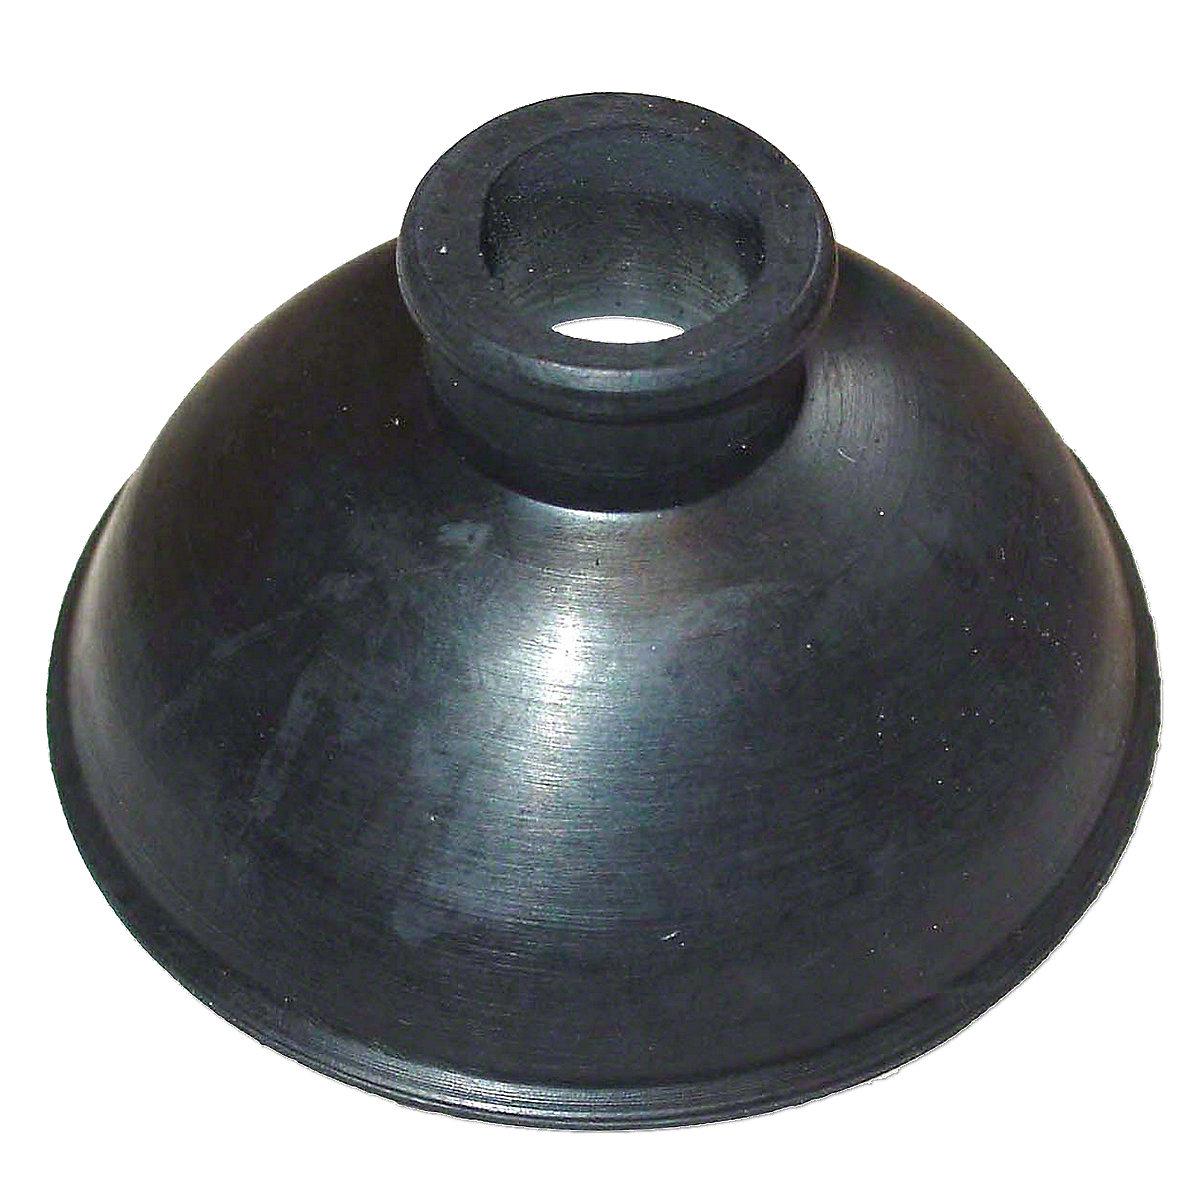 Tractor Gear Shift Boot : Jds rubber gear shift boot